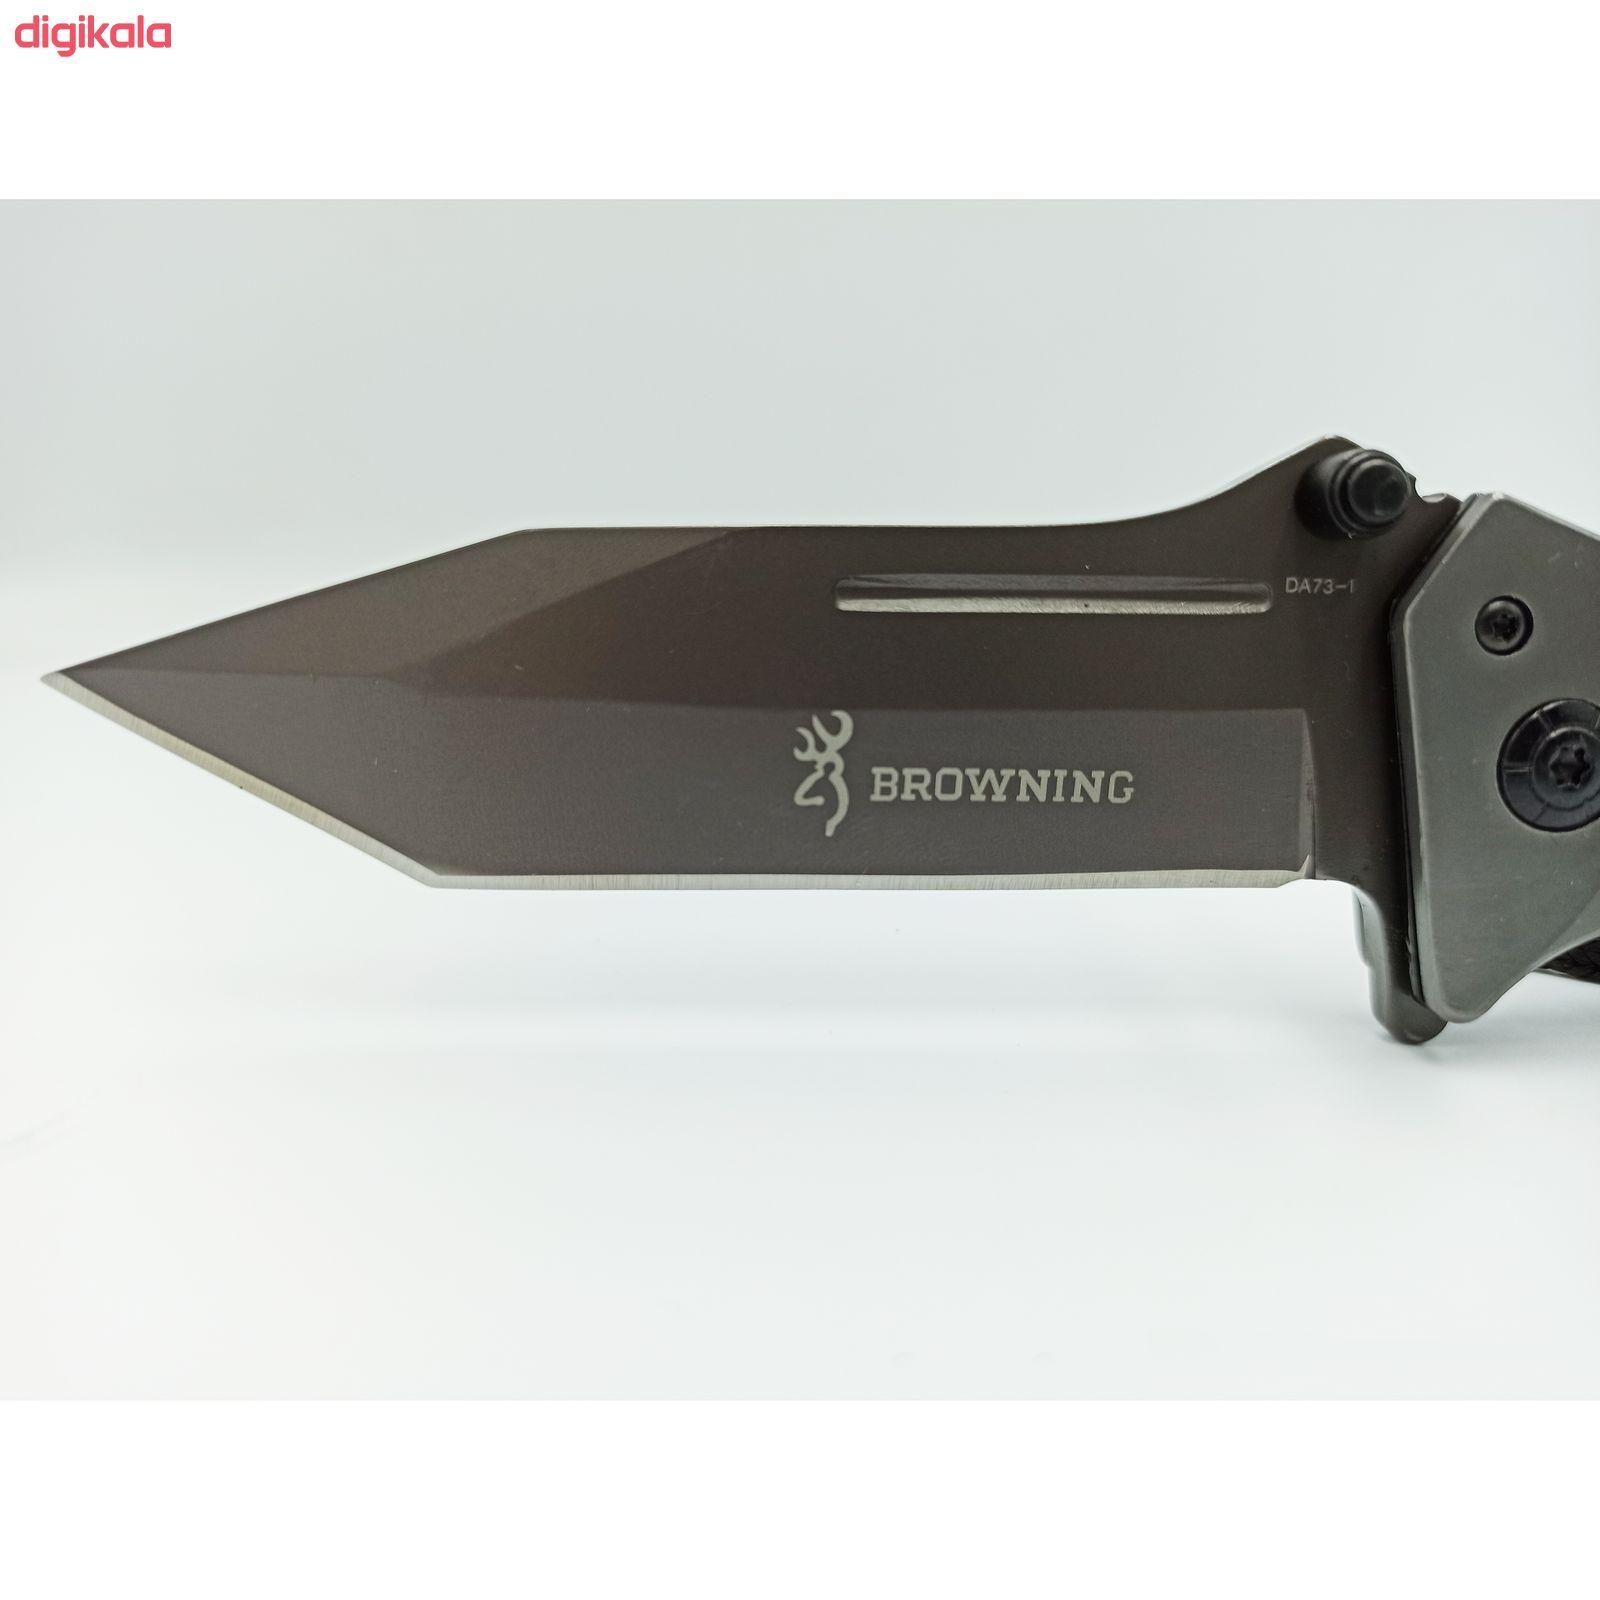 چاقو سفری برونینگ مدل DA73-1 main 1 5